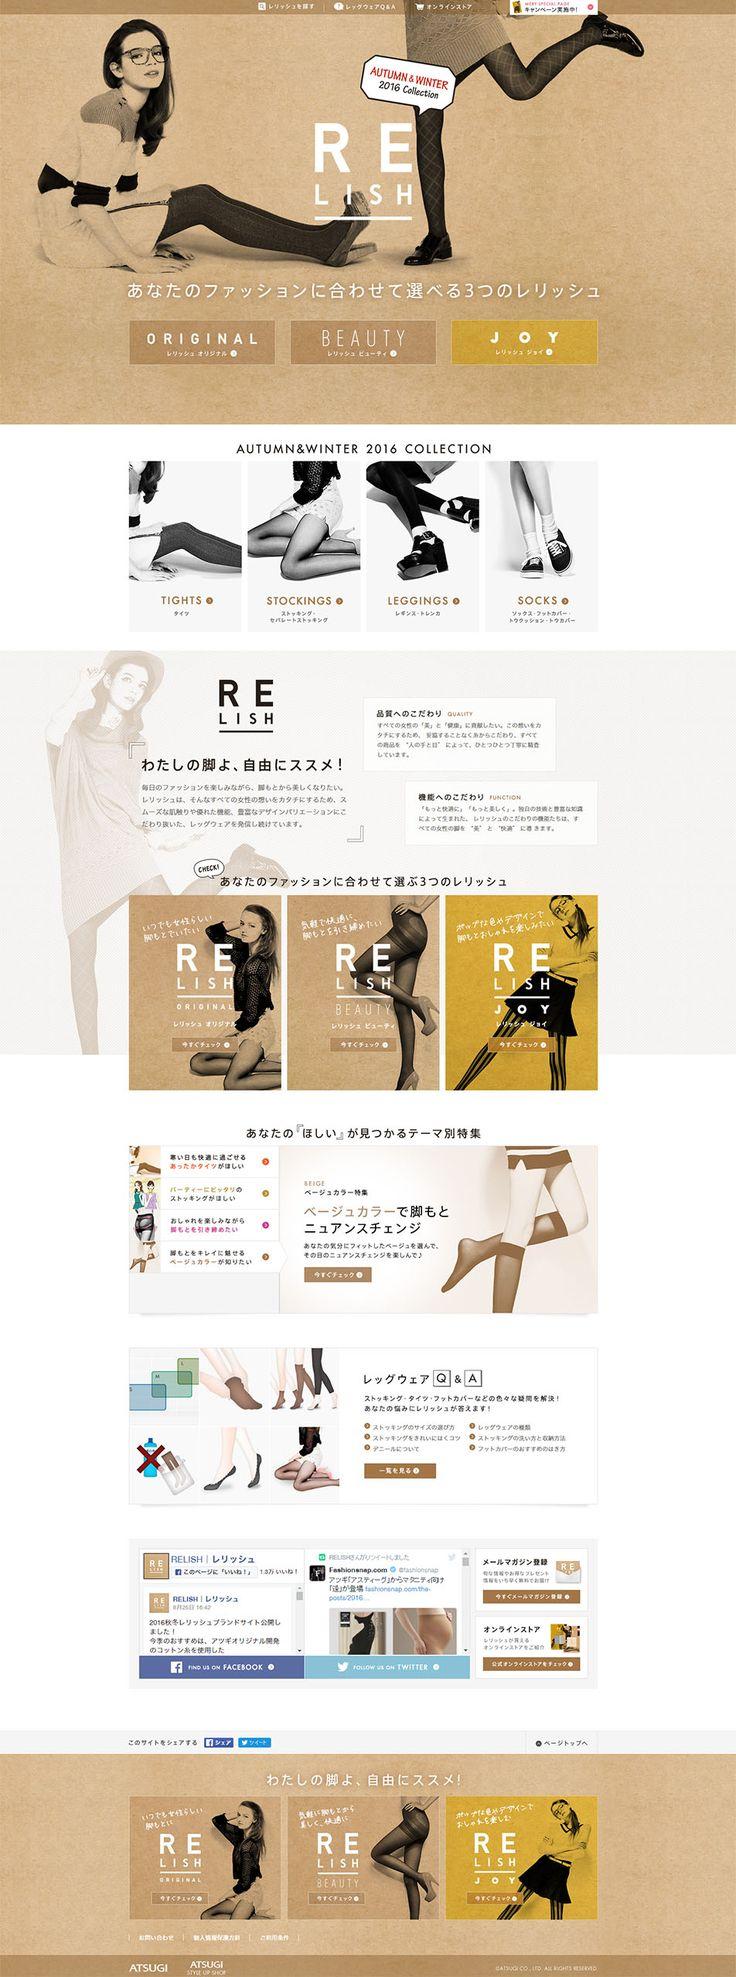 あなたのファッションに合わせて選べる3つのレリッシュ【ファッション関連】のLPデザイン。WEBデザイナーさん必見!ランディングページのデザイン参考に(かっこいい系)